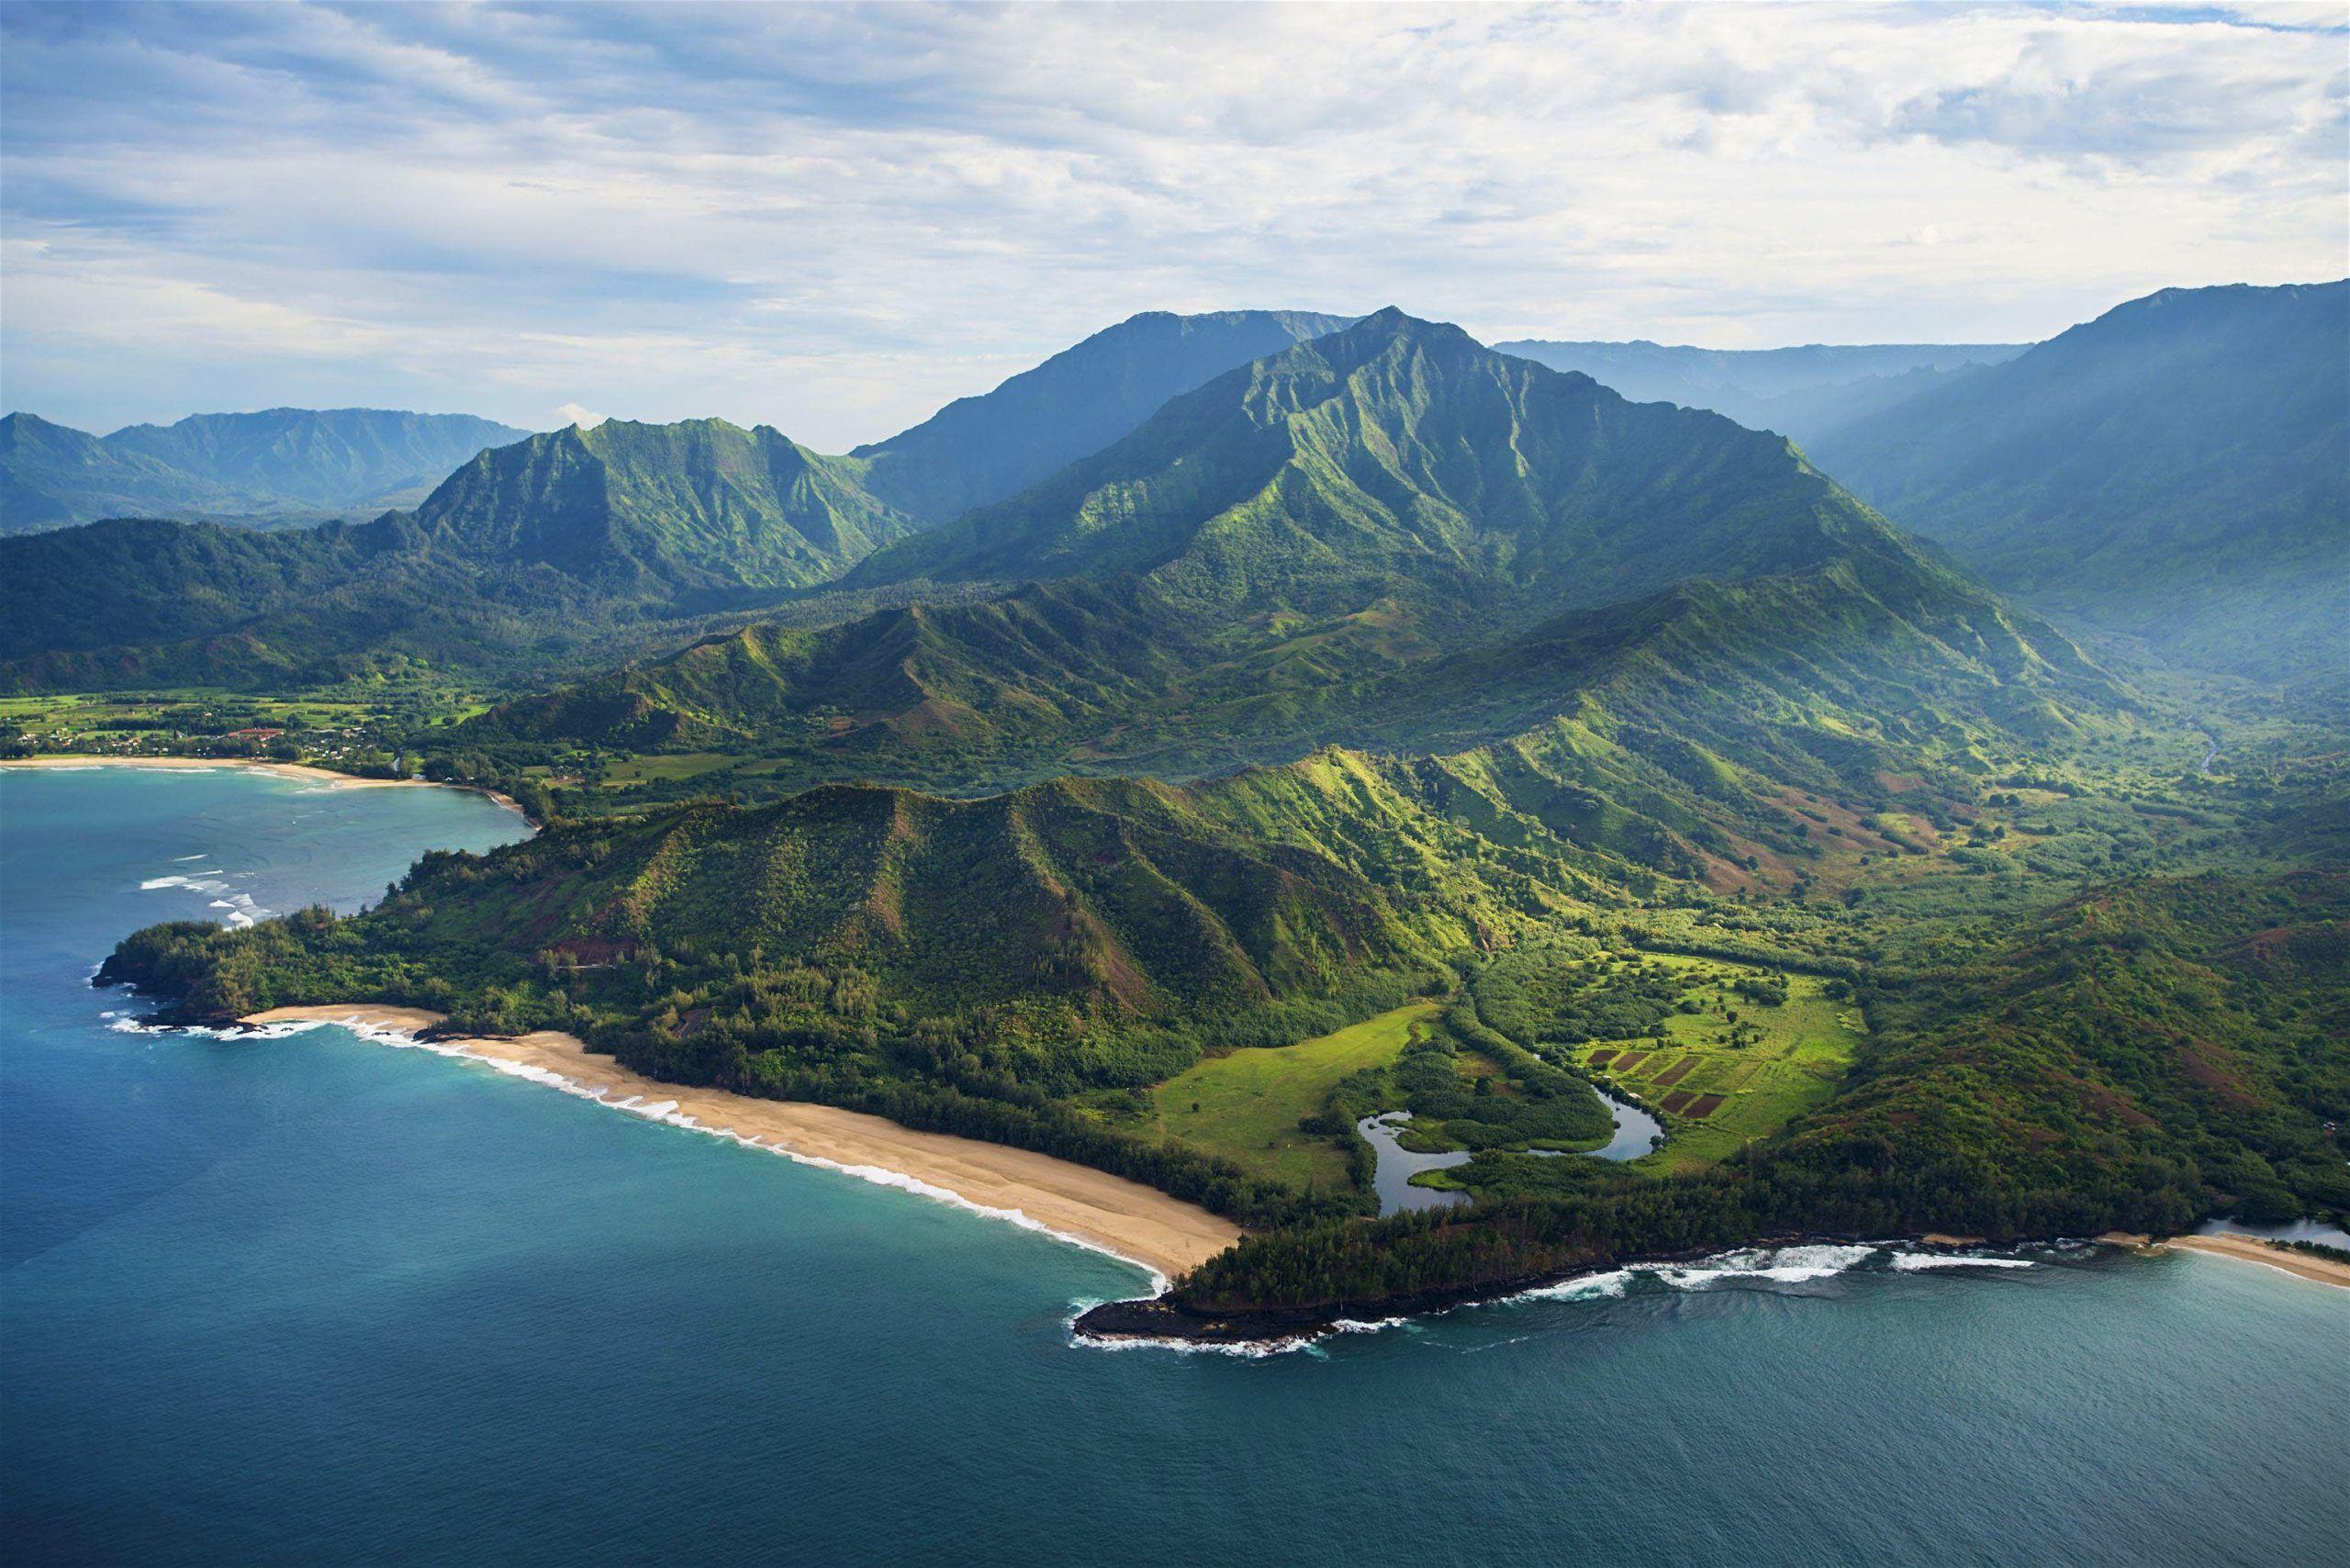 Vacaciones Familiares en Hawaii